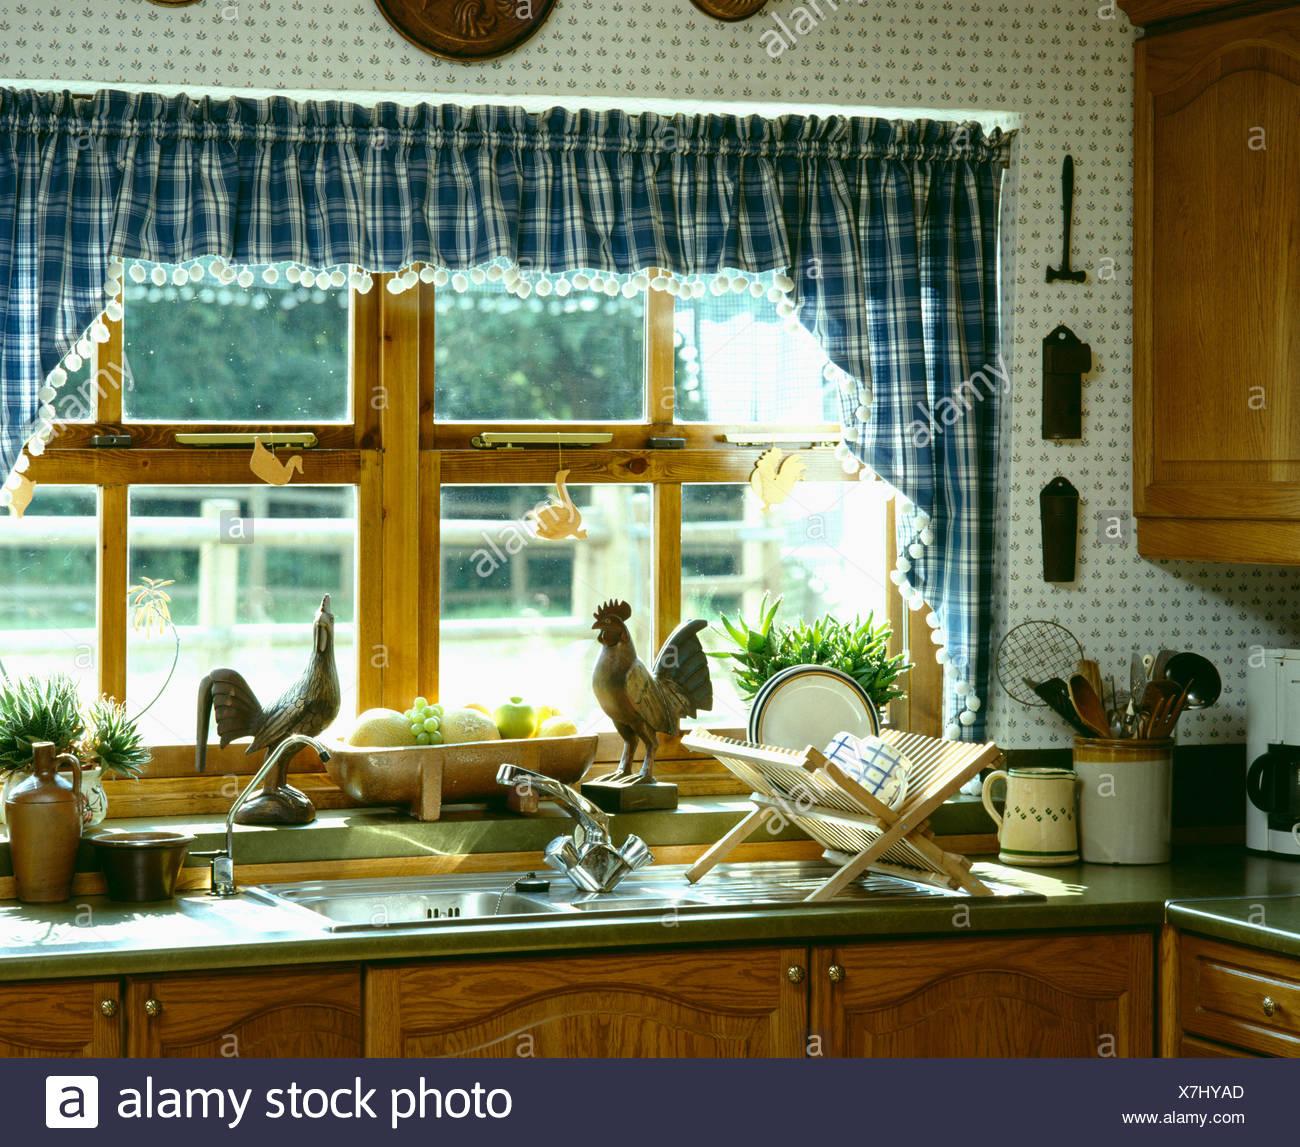 Vichy bleu et blanc vérifié à rideaux fenêtre au-dessus de cuisine ...